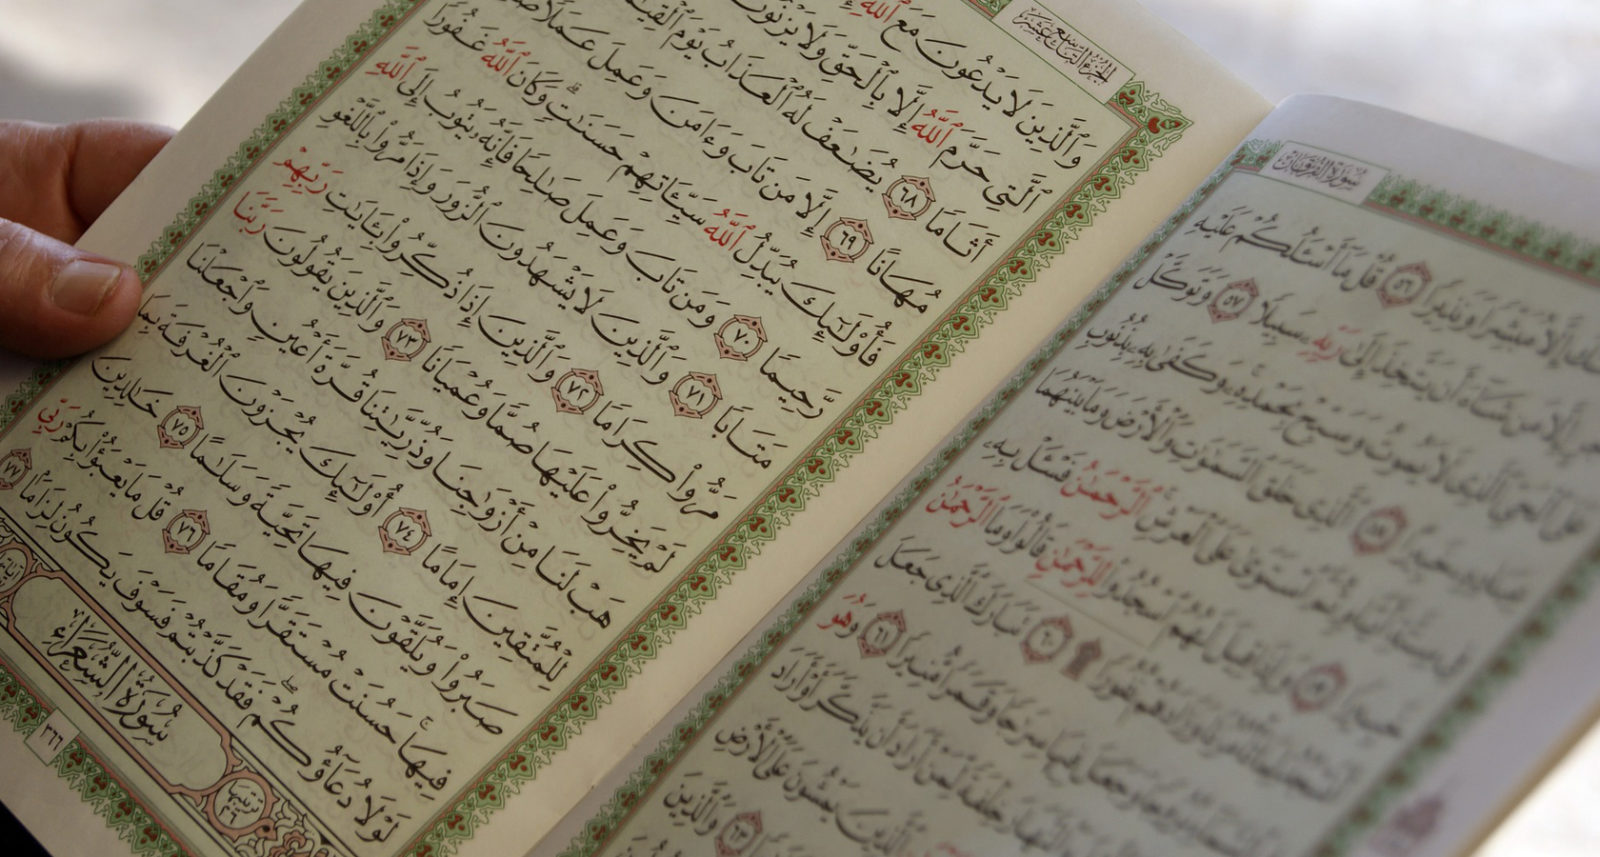 Koran-pagina's